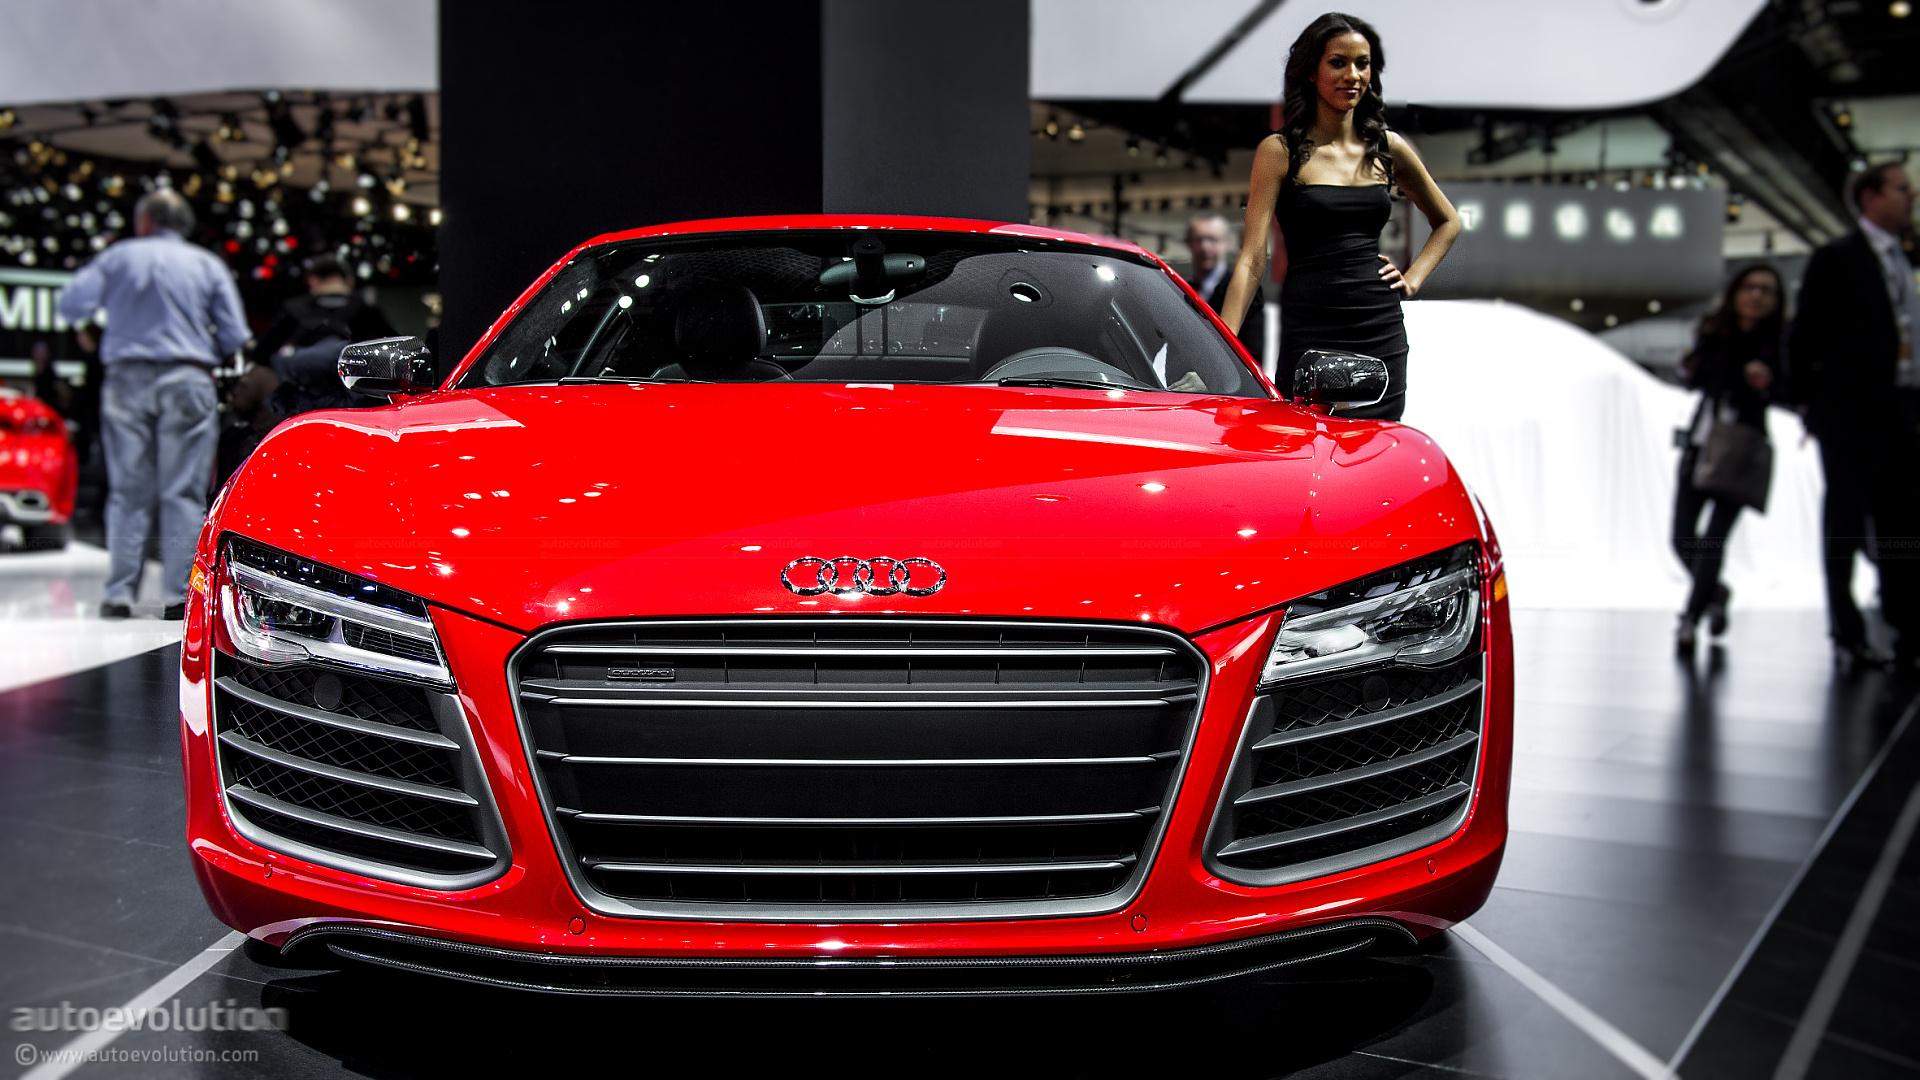 2013 Naias Audi R8 Facelift Live Photos Autoevolution